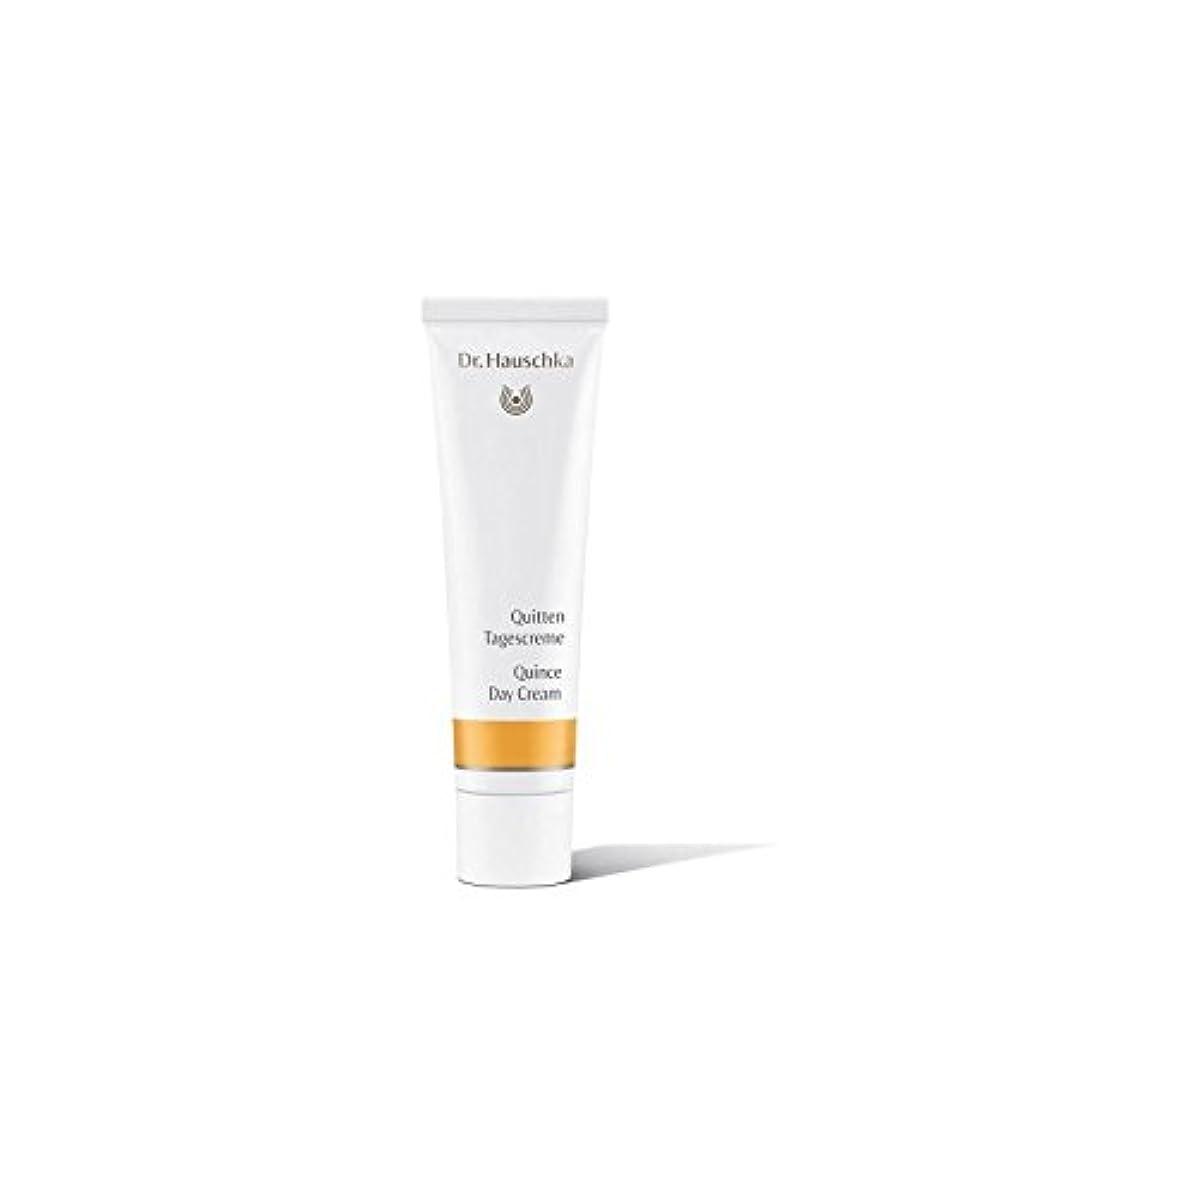 忌み嫌う対応つづりハウシュカクインスデイクリーム30 x2 - Dr. Hauschka Quince Day Cream 30ml (Pack of 2) [並行輸入品]